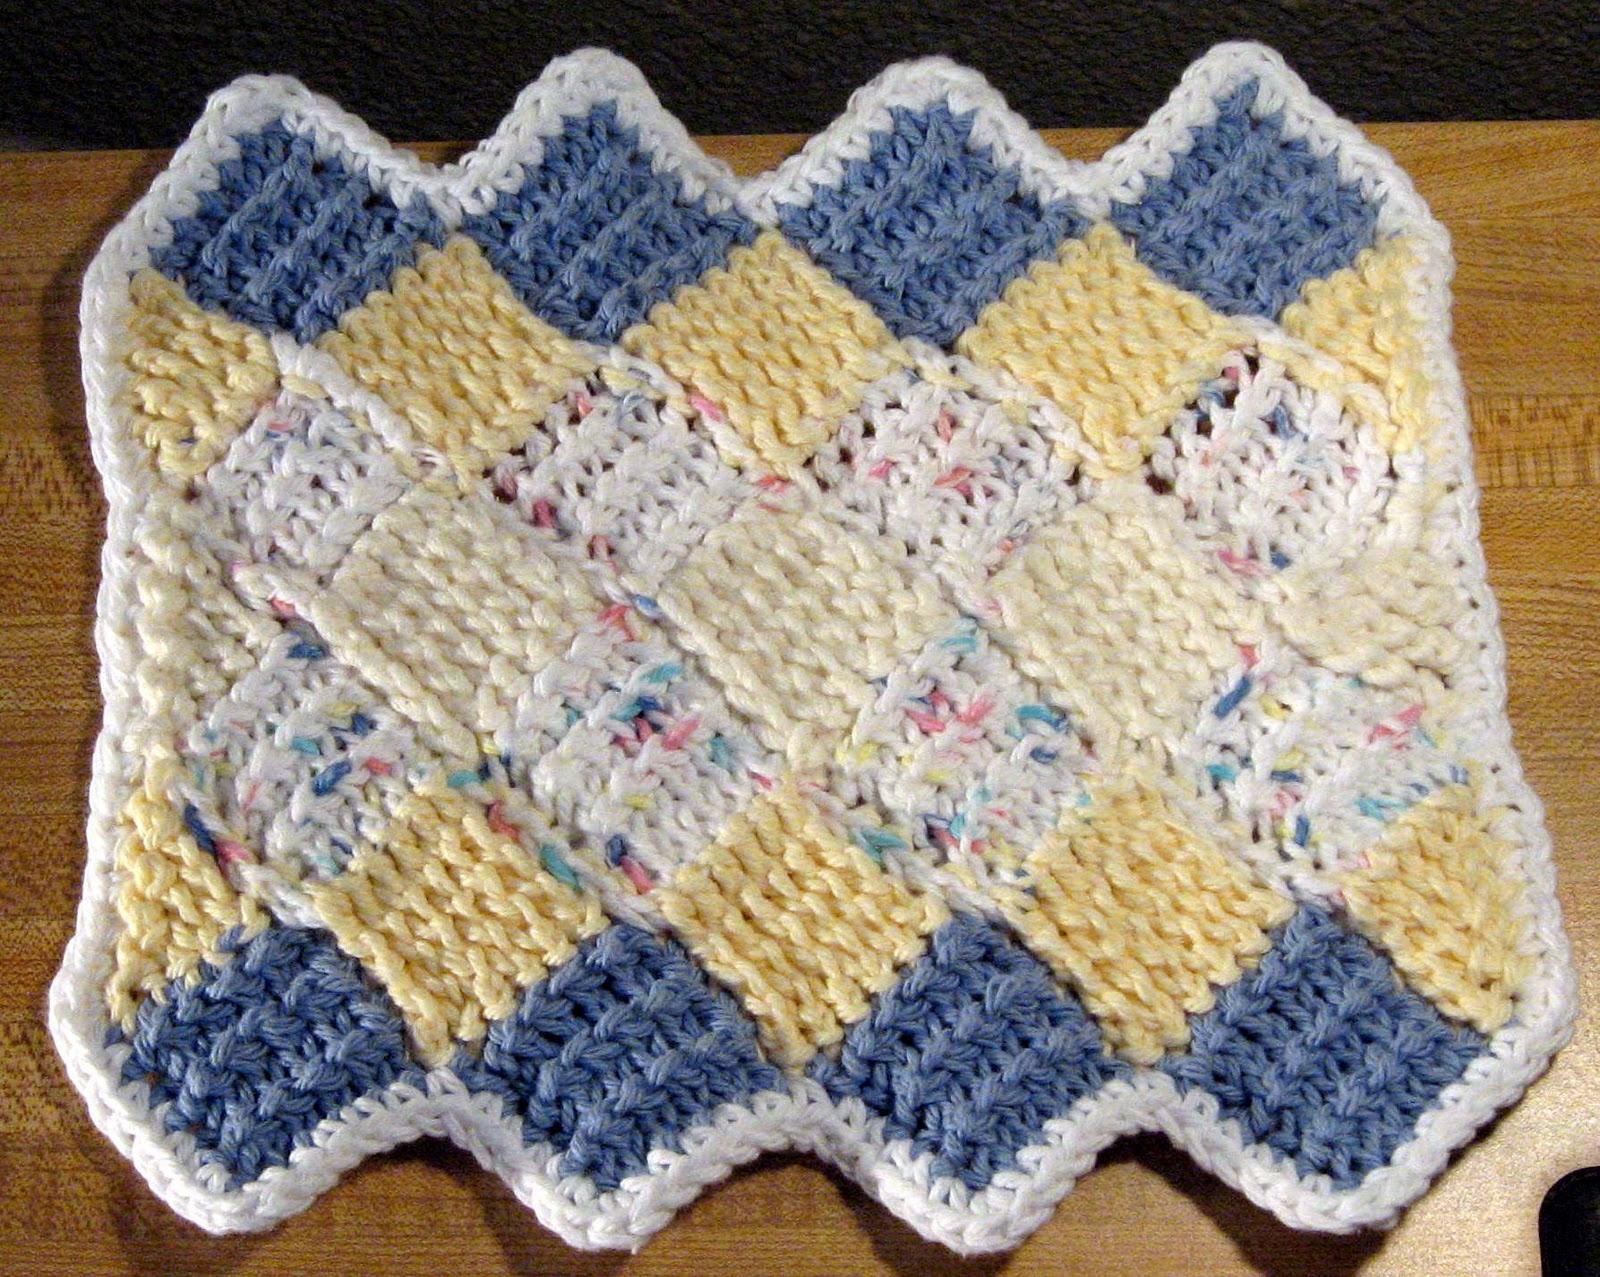 Loops and Ramblings: Entrelac Dishcloth or Washcloth